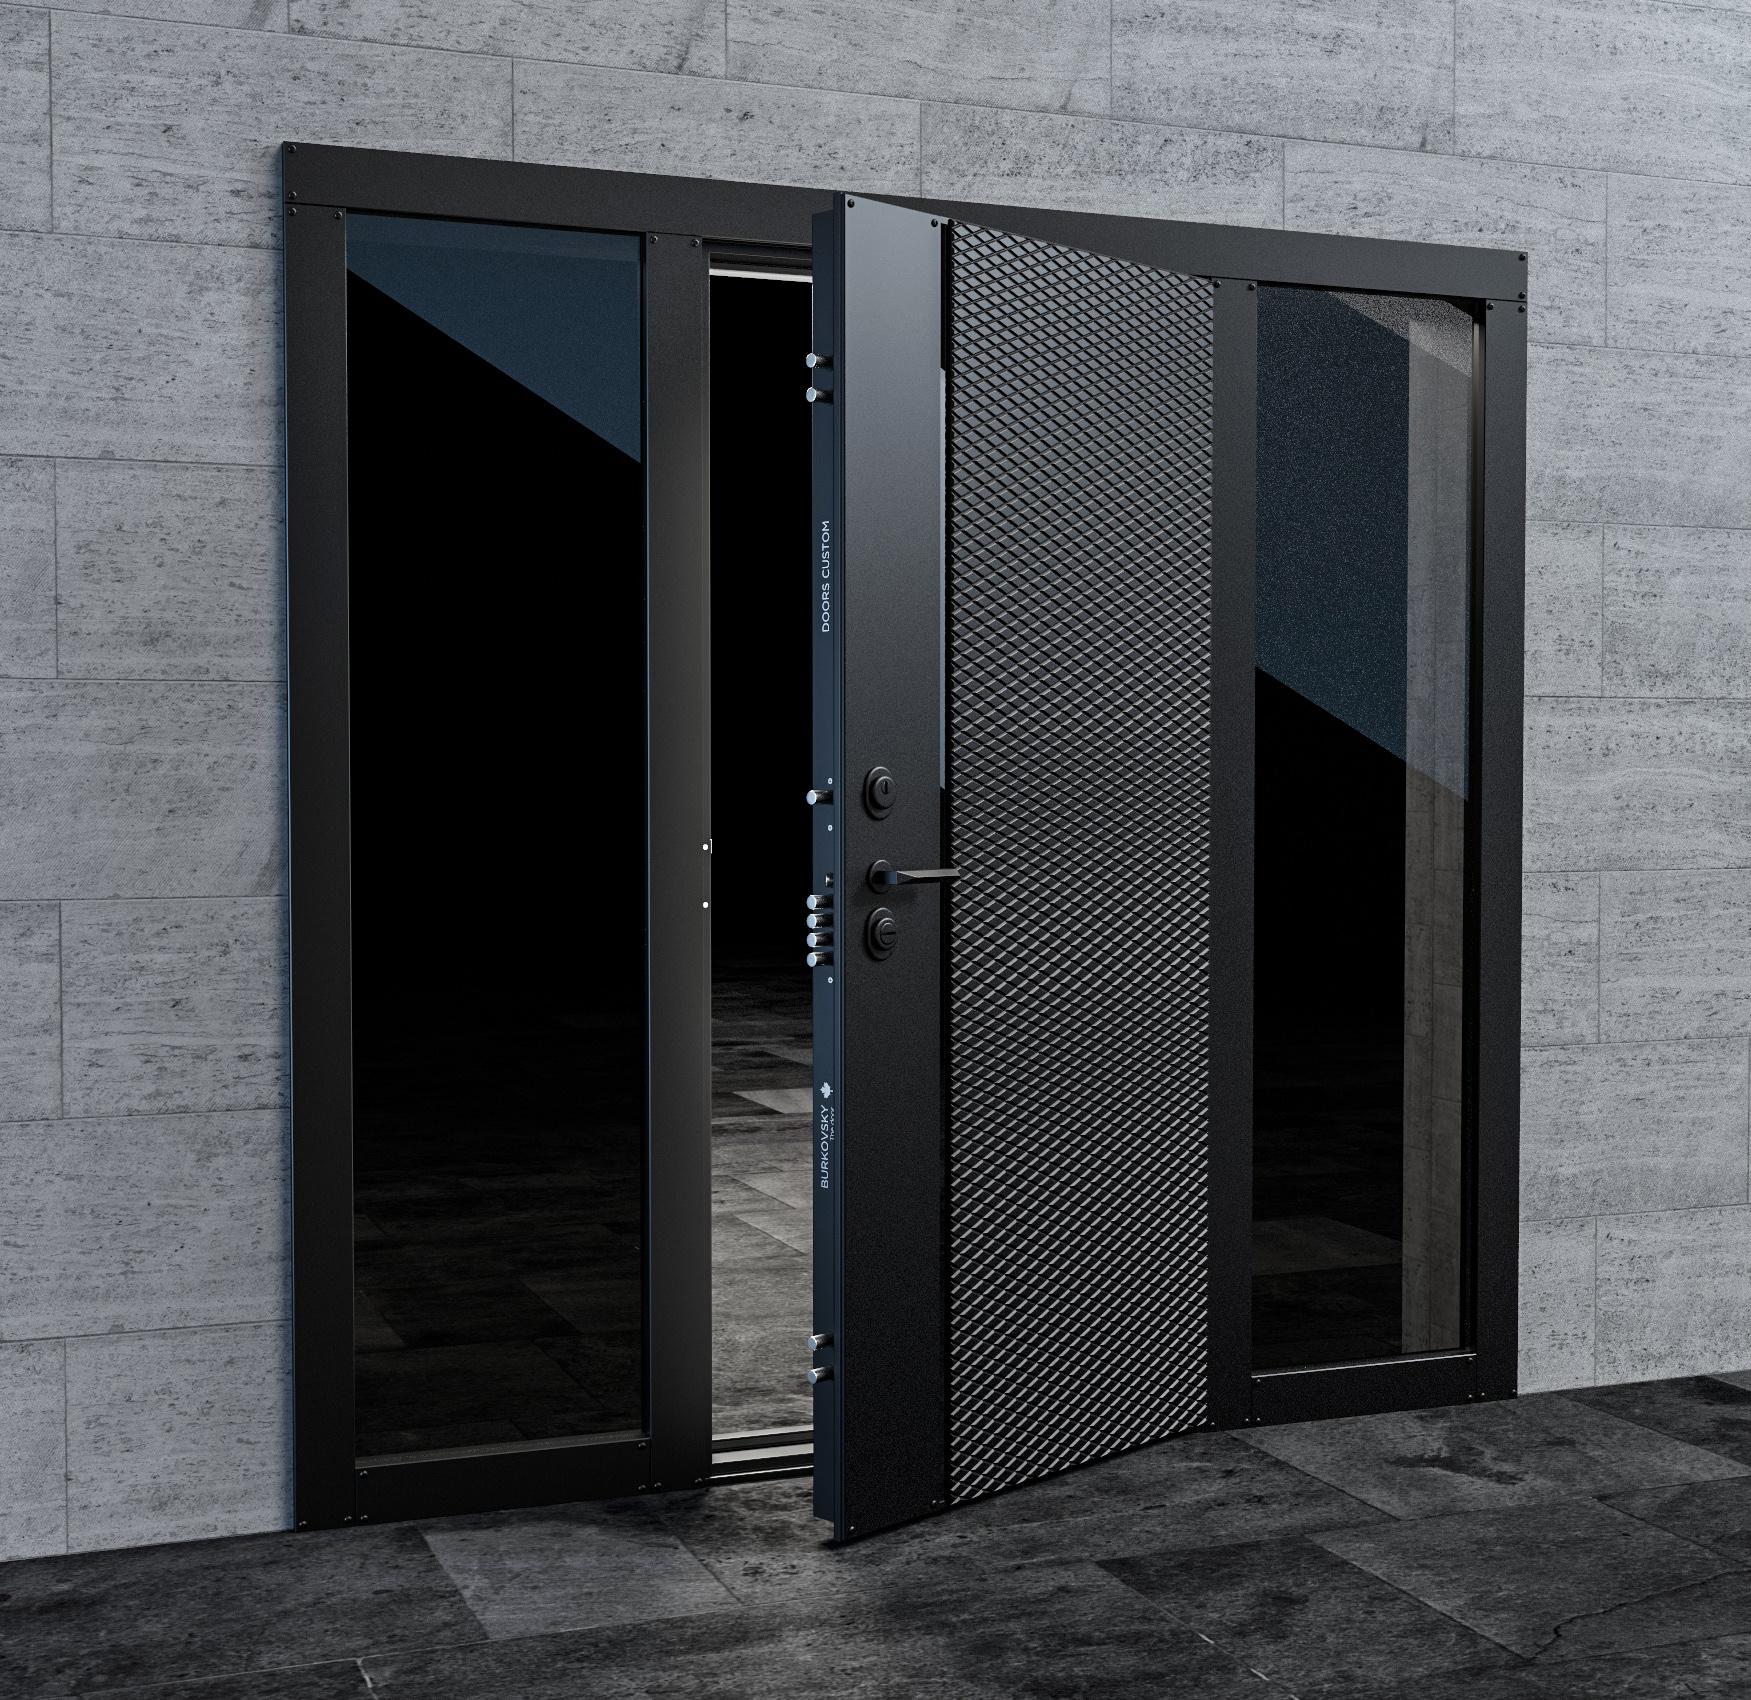 Входная дверь с боковыми стеклянными фрамугами в стиле хайтек. Модель Credo2.